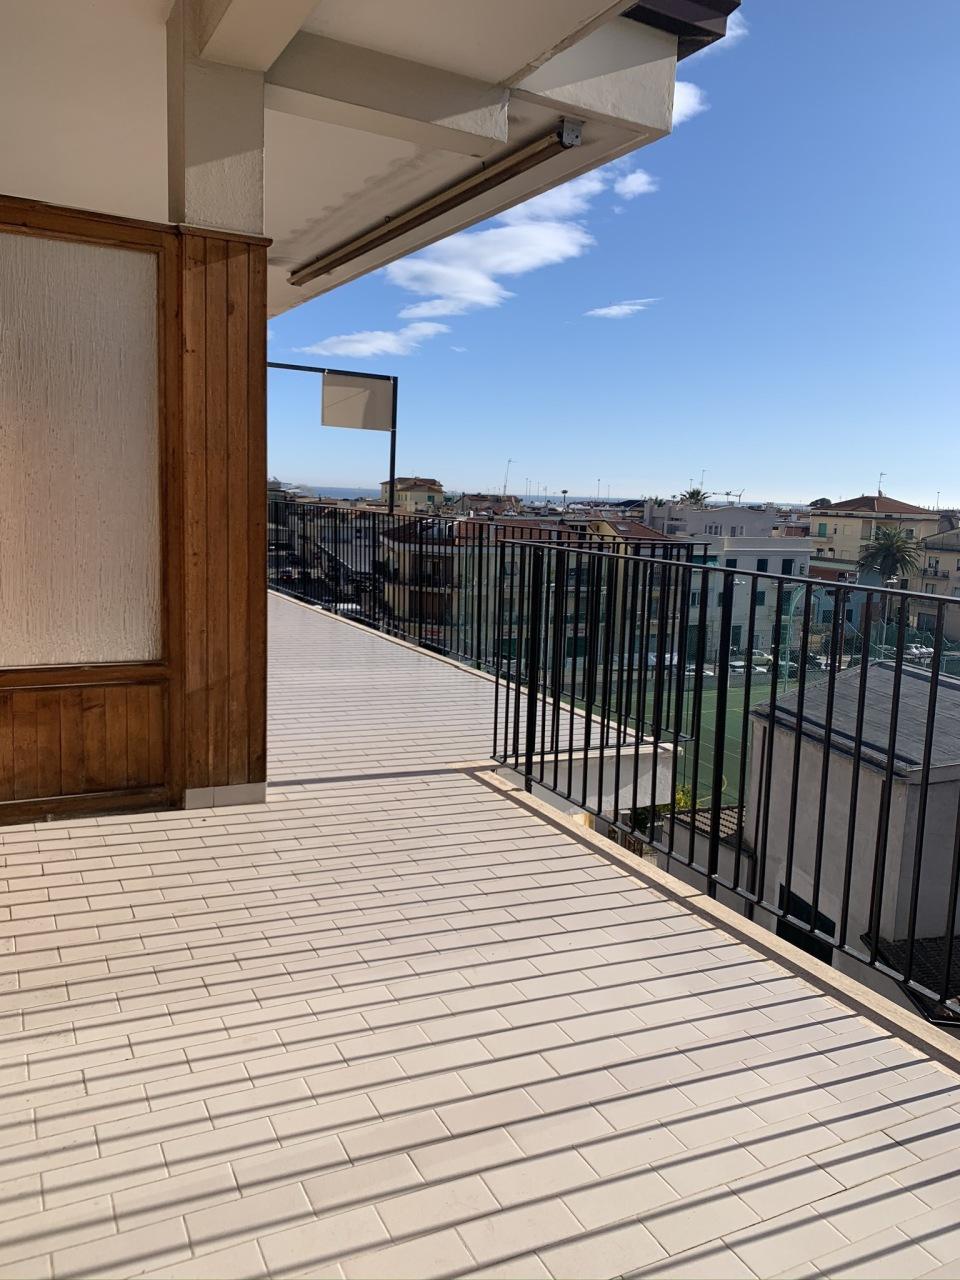 Appartamento in vendita a San Benedetto del Tronto, 5 locali, prezzo € 310.000 | PortaleAgenzieImmobiliari.it